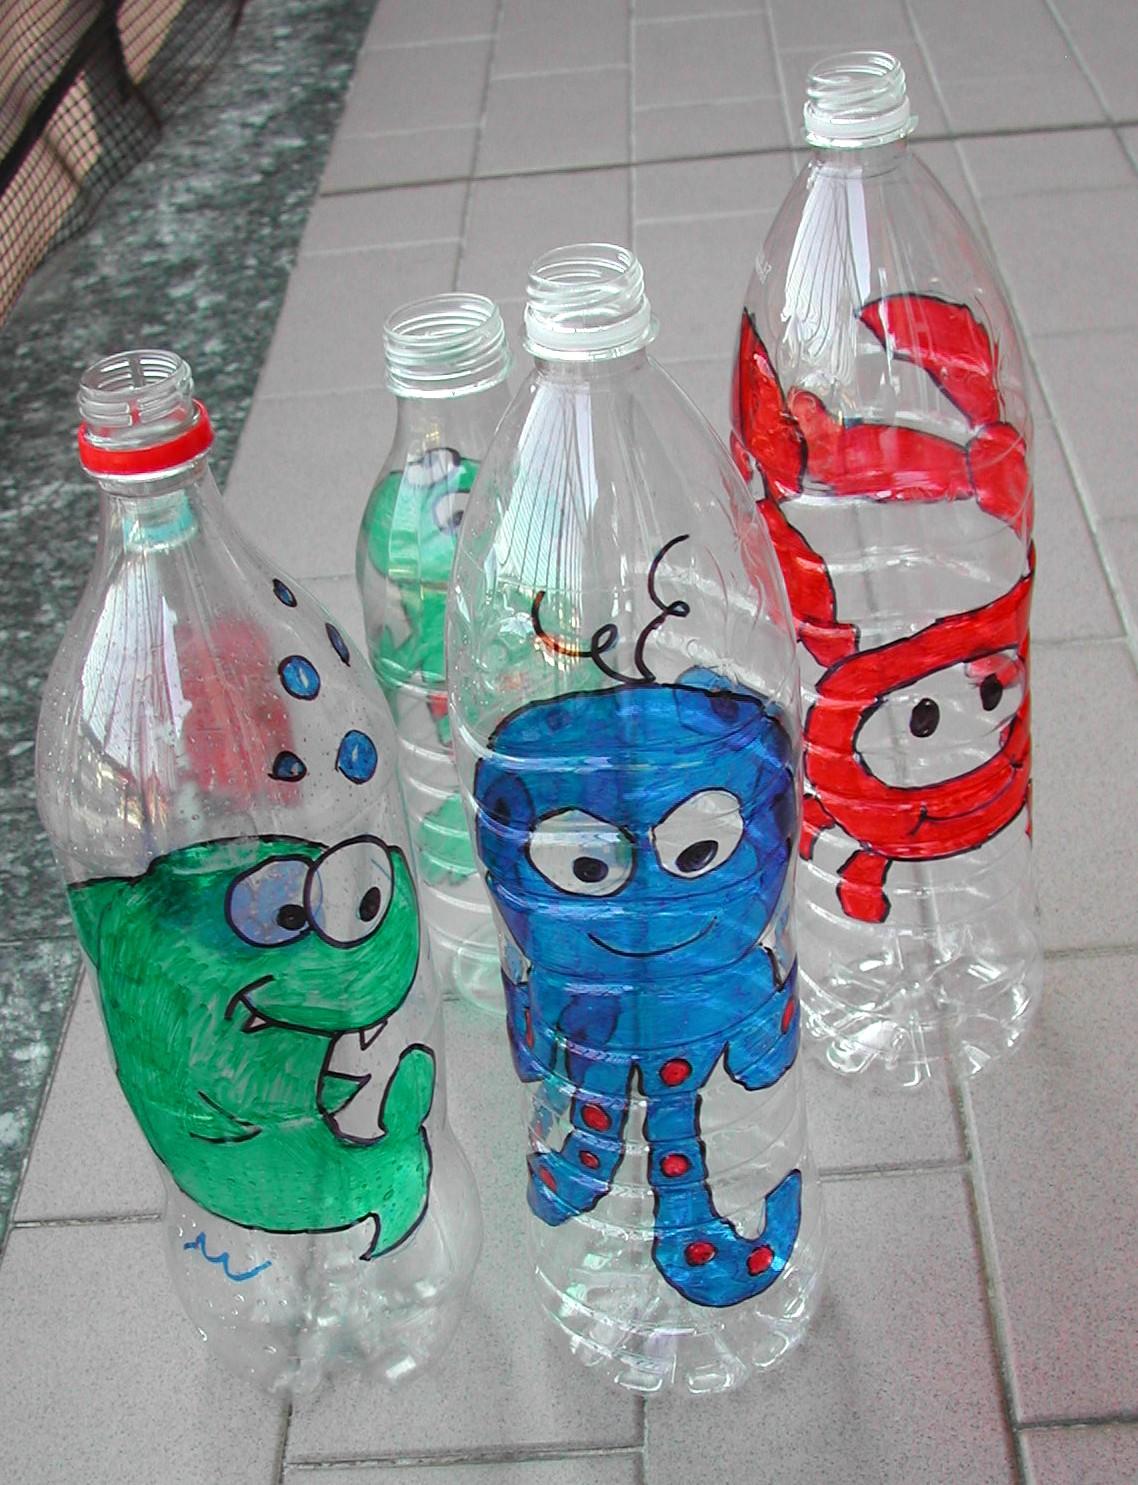 Bricolage Con Bottiglie Di Plastica.Giochi Con Bottiglie Di Plastica